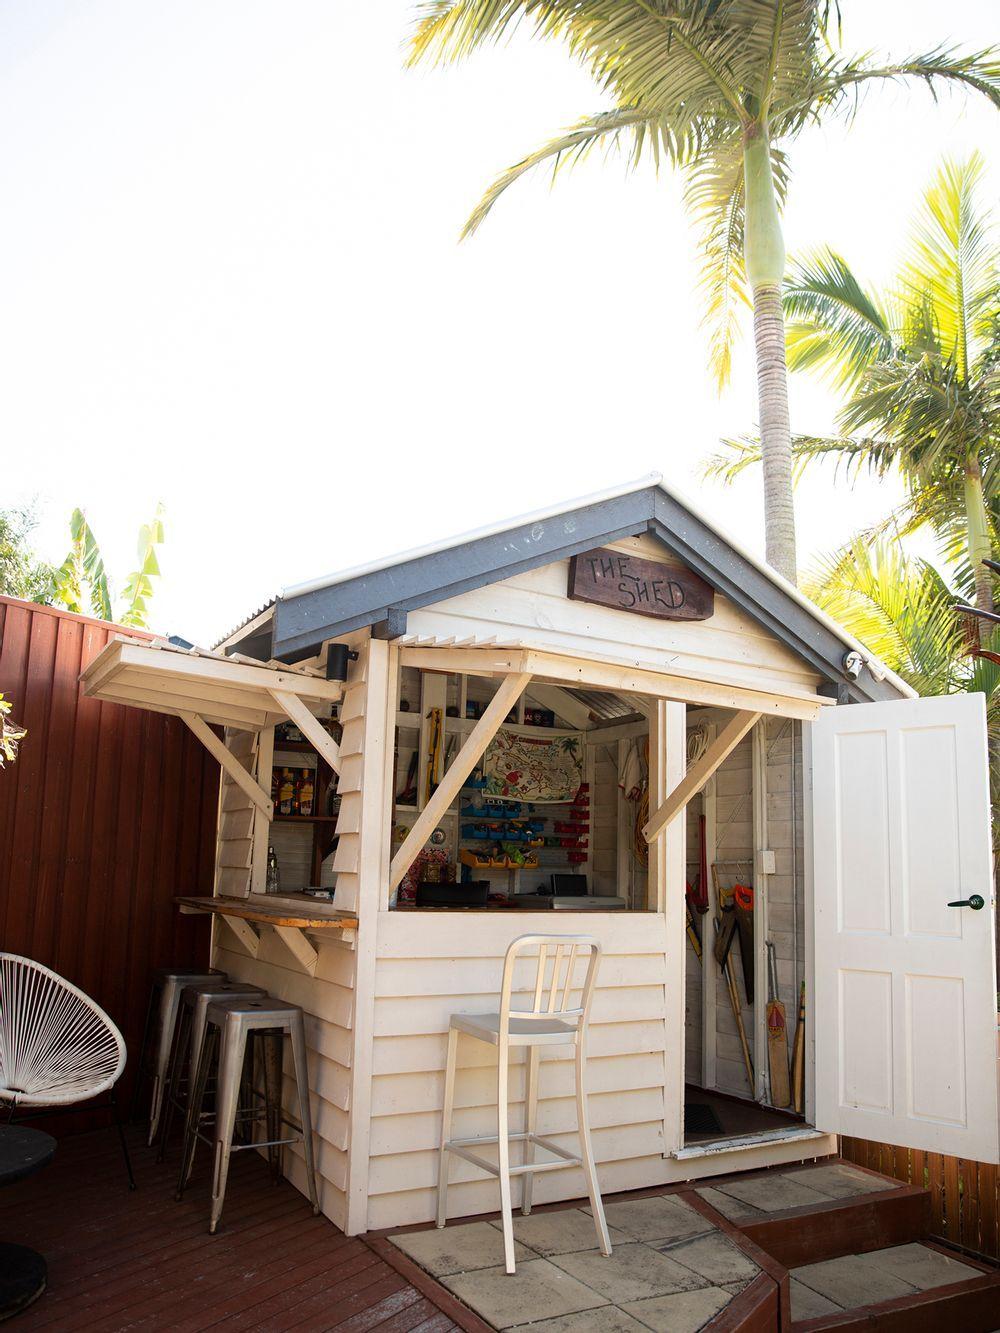 Beloved Backyard Bar Set for Colourful Caribbean Makeover